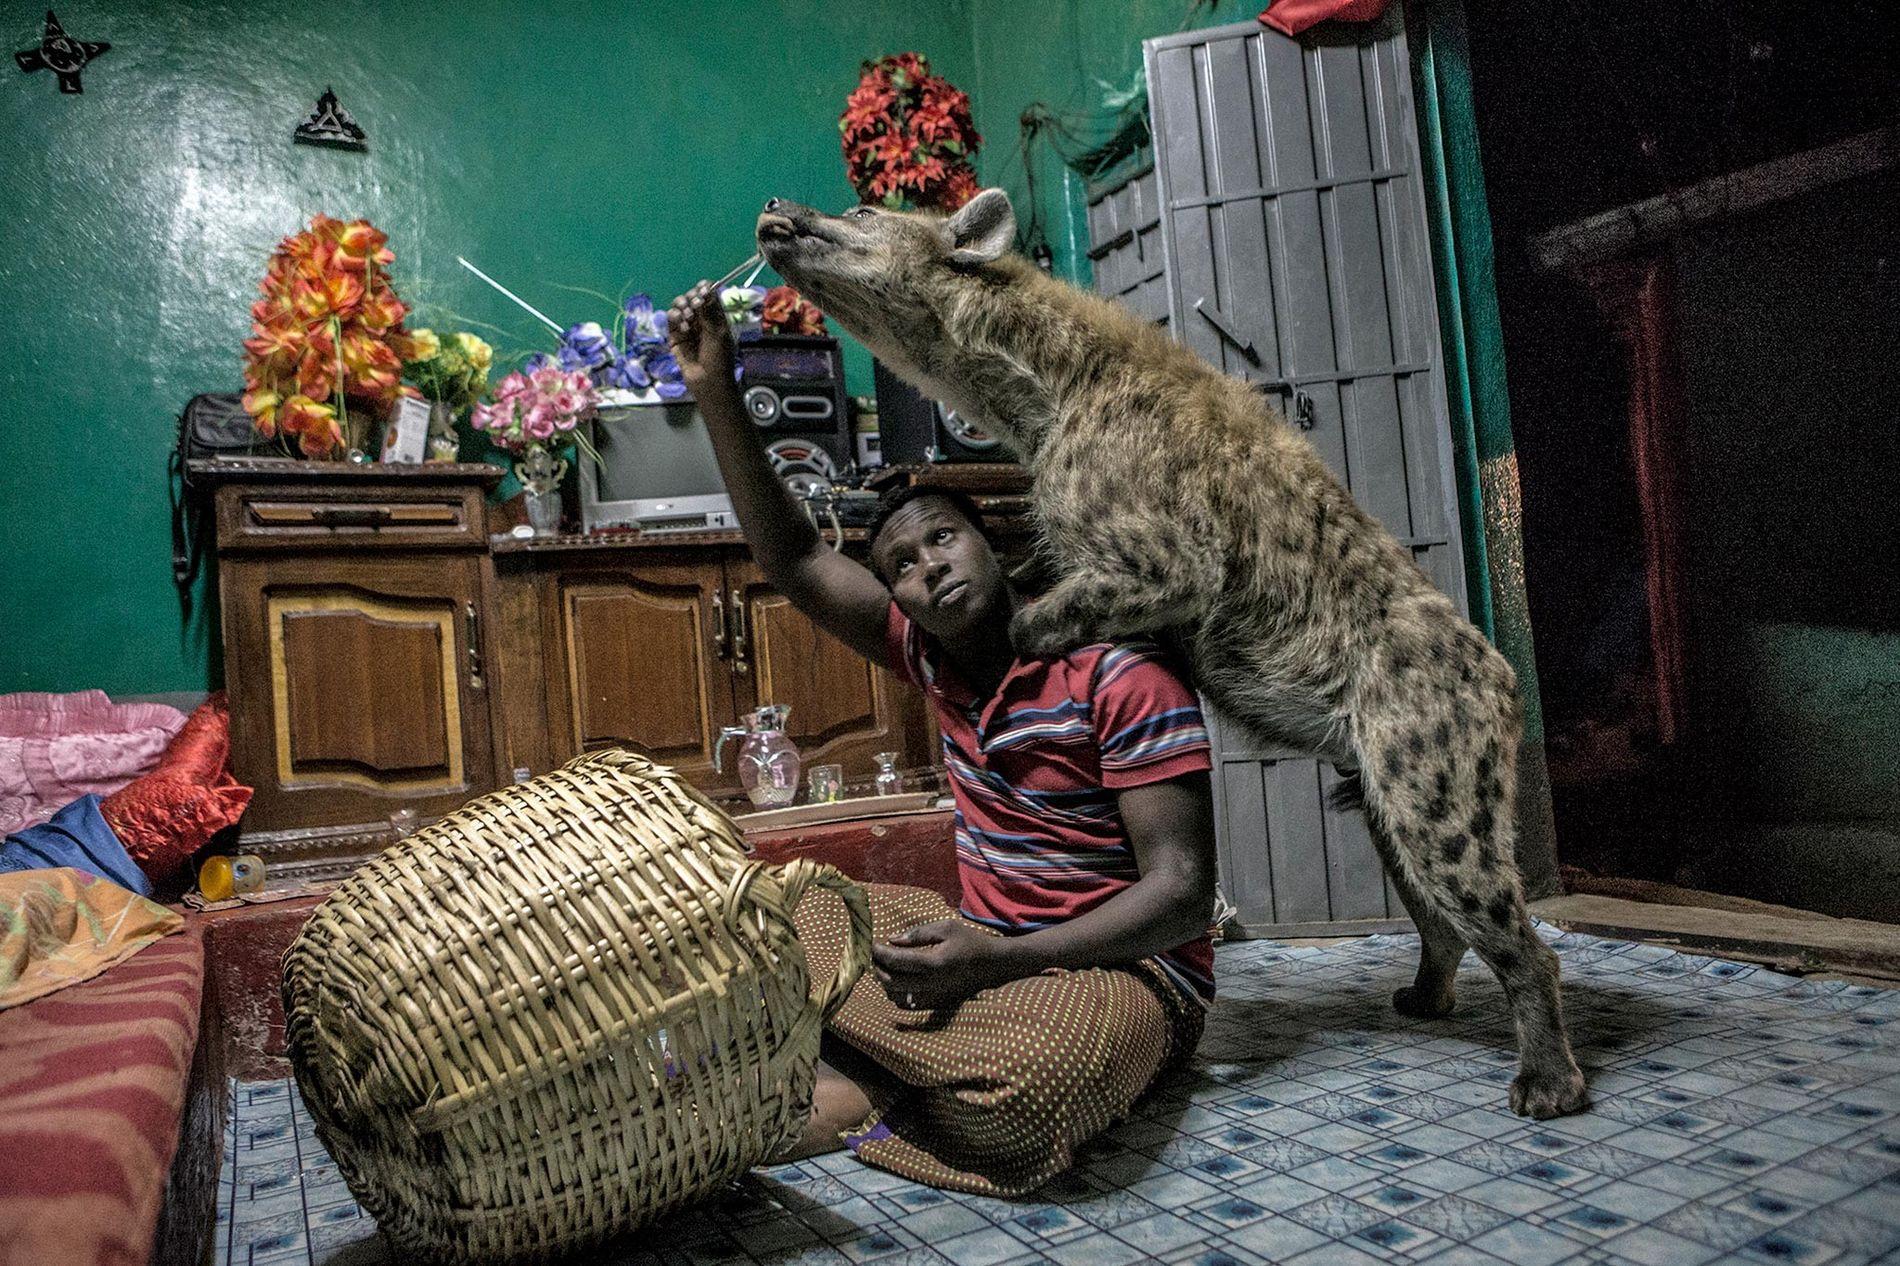 La hiena es uno de los animales más temidos del mundo, pero en esta pequeña aldea etíope, Abbas, conocido como «el Hombre Hiena», las ha adiestrado para poder alimentarlas en el interior de su casa.